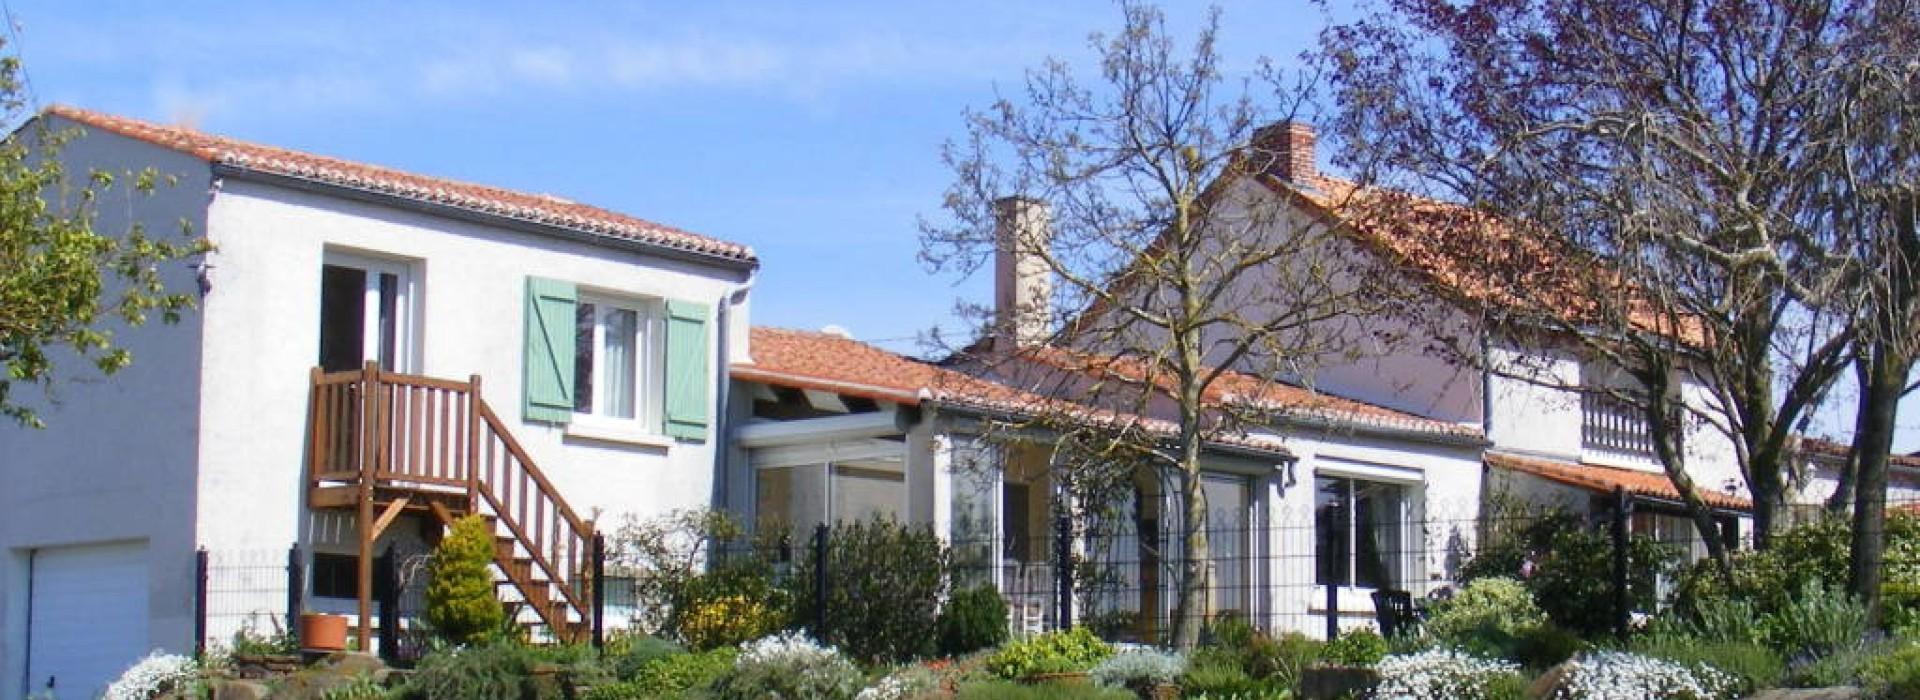 Chambres D Hotes Vignes Et Loire Chambres D Hotes En Pays De La Loire